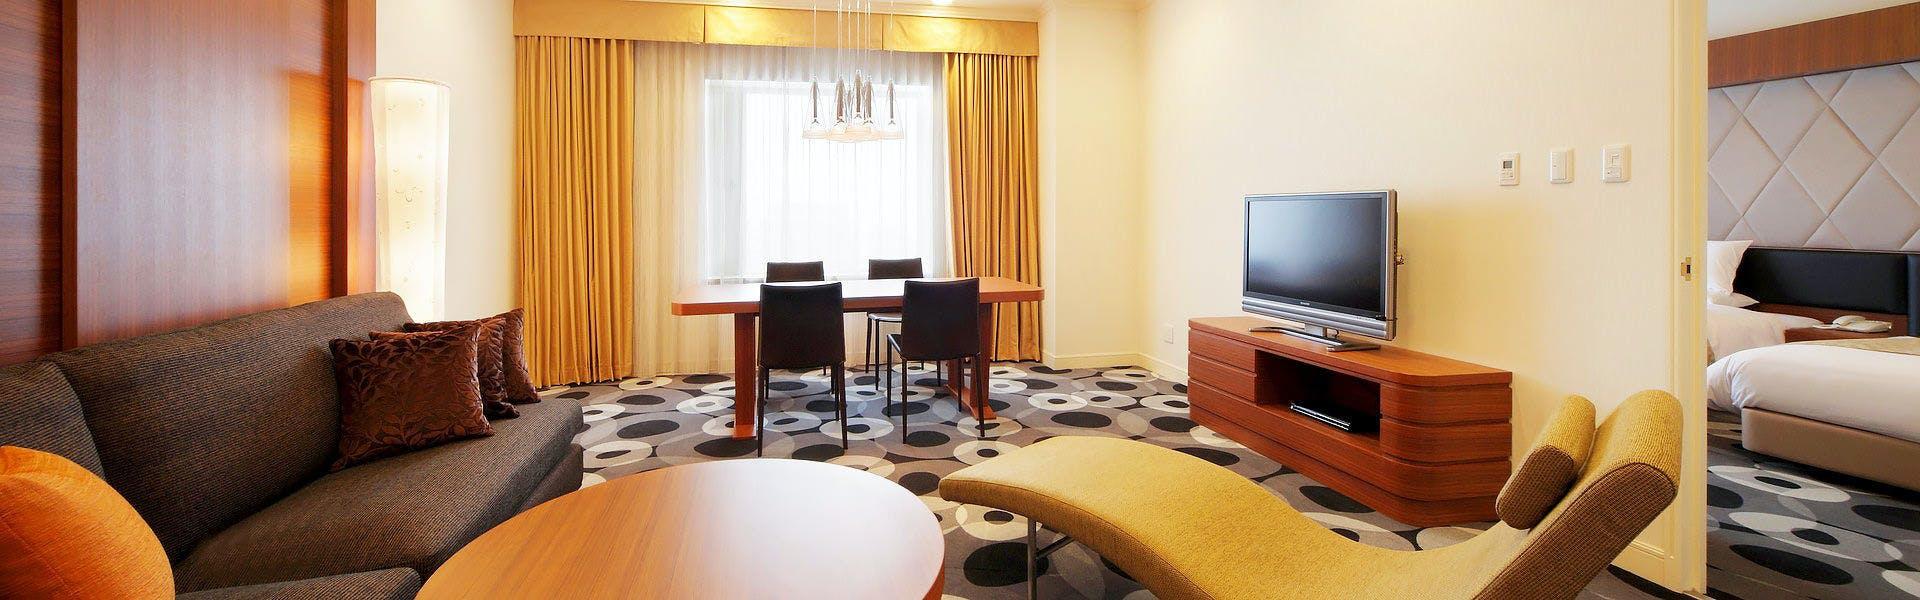 記念日におすすめのホテル・【ホテルメトロポリタン山形】 の空室状況を確認するの写真2